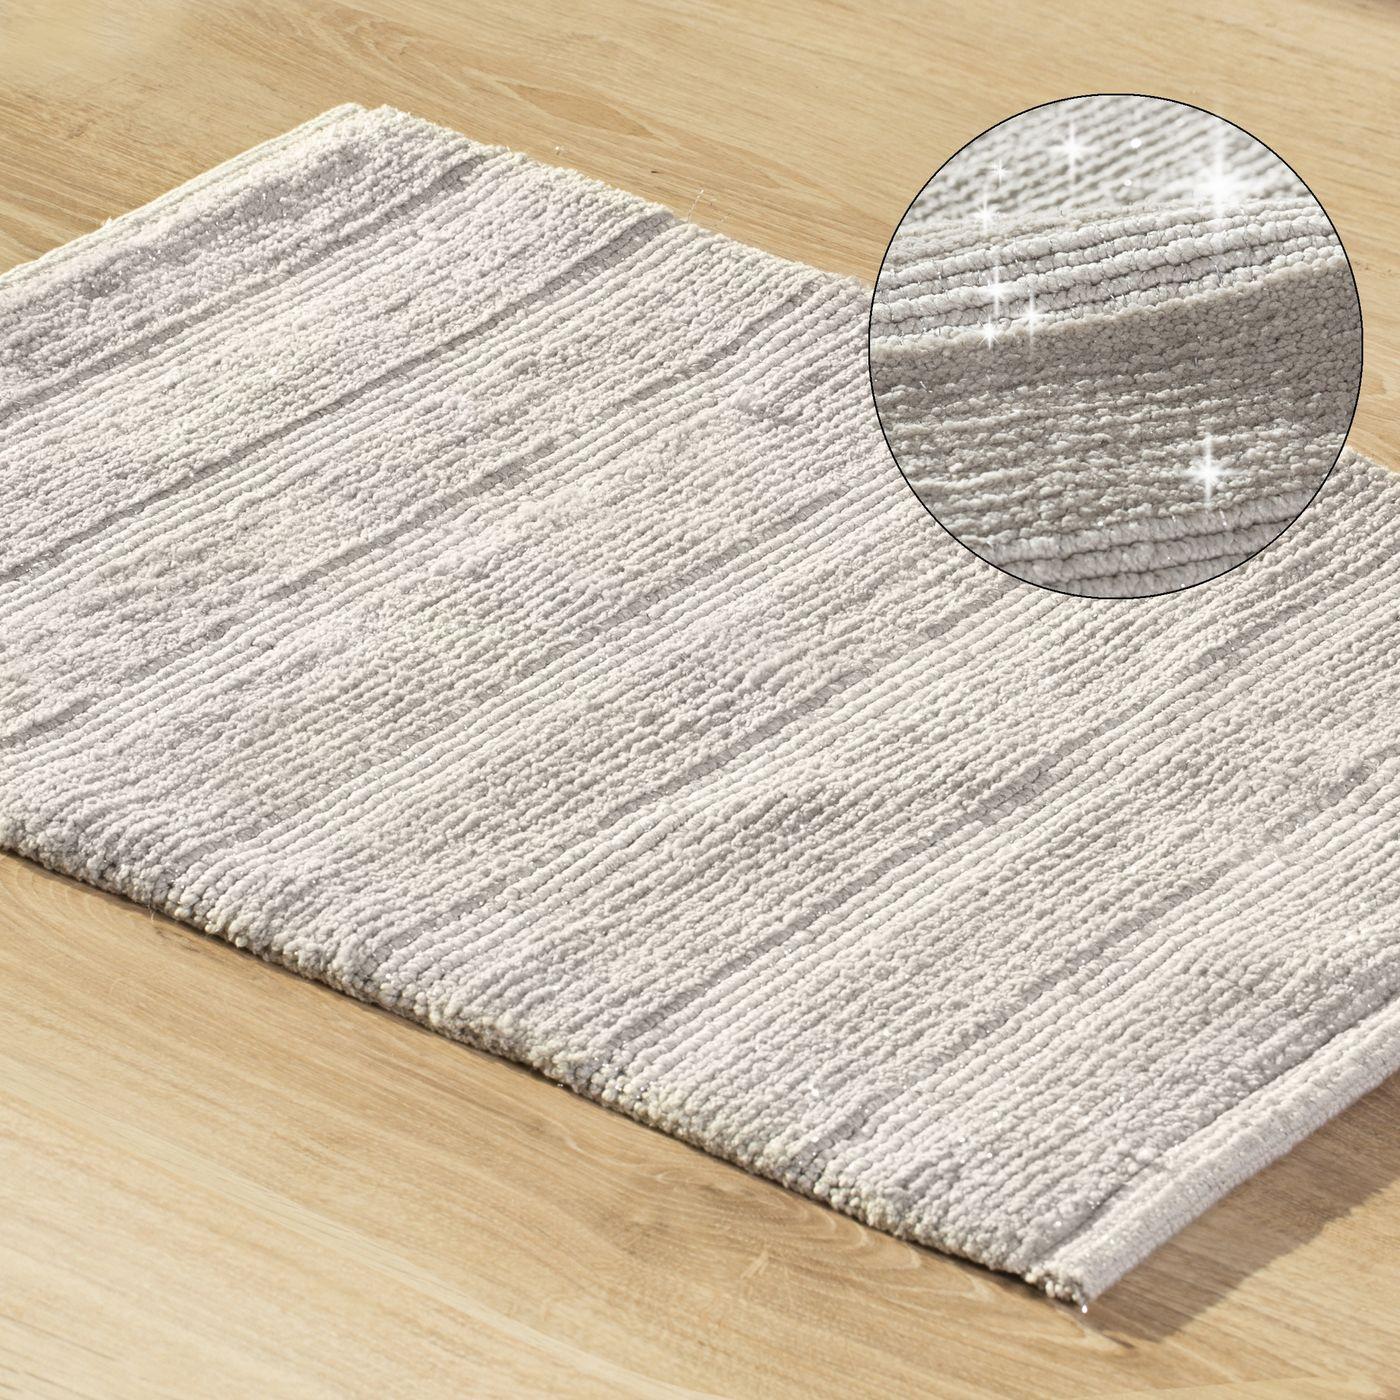 Łazienkowy dywanik w paski splot pętelkowy srebrny 50x70 cm